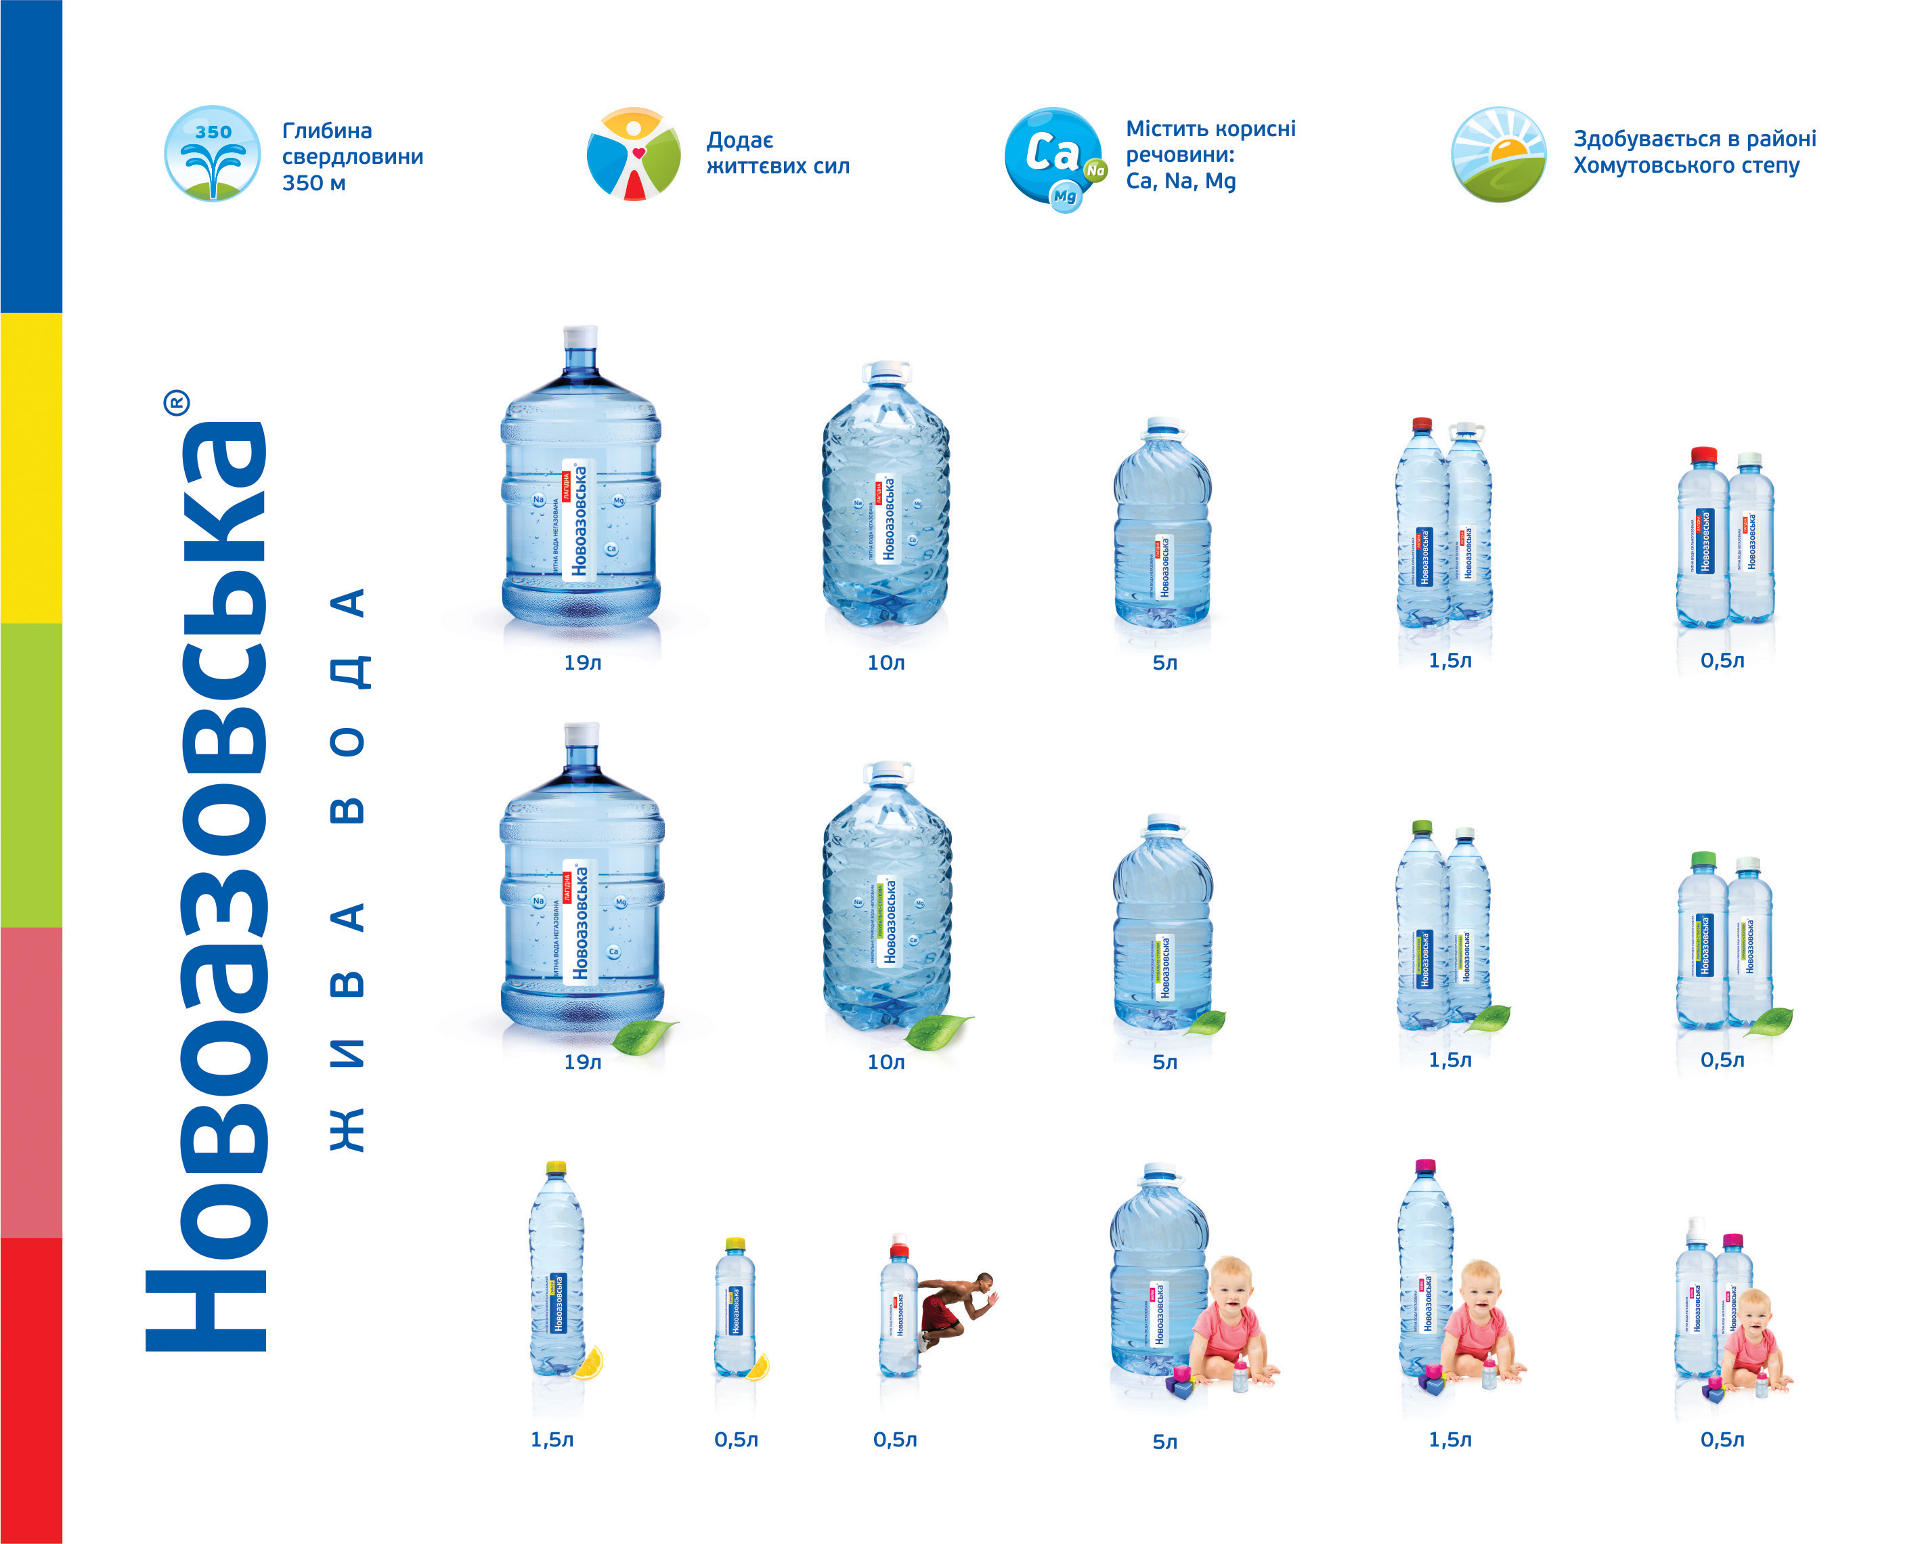 Создание этикетки для воды, Water label design